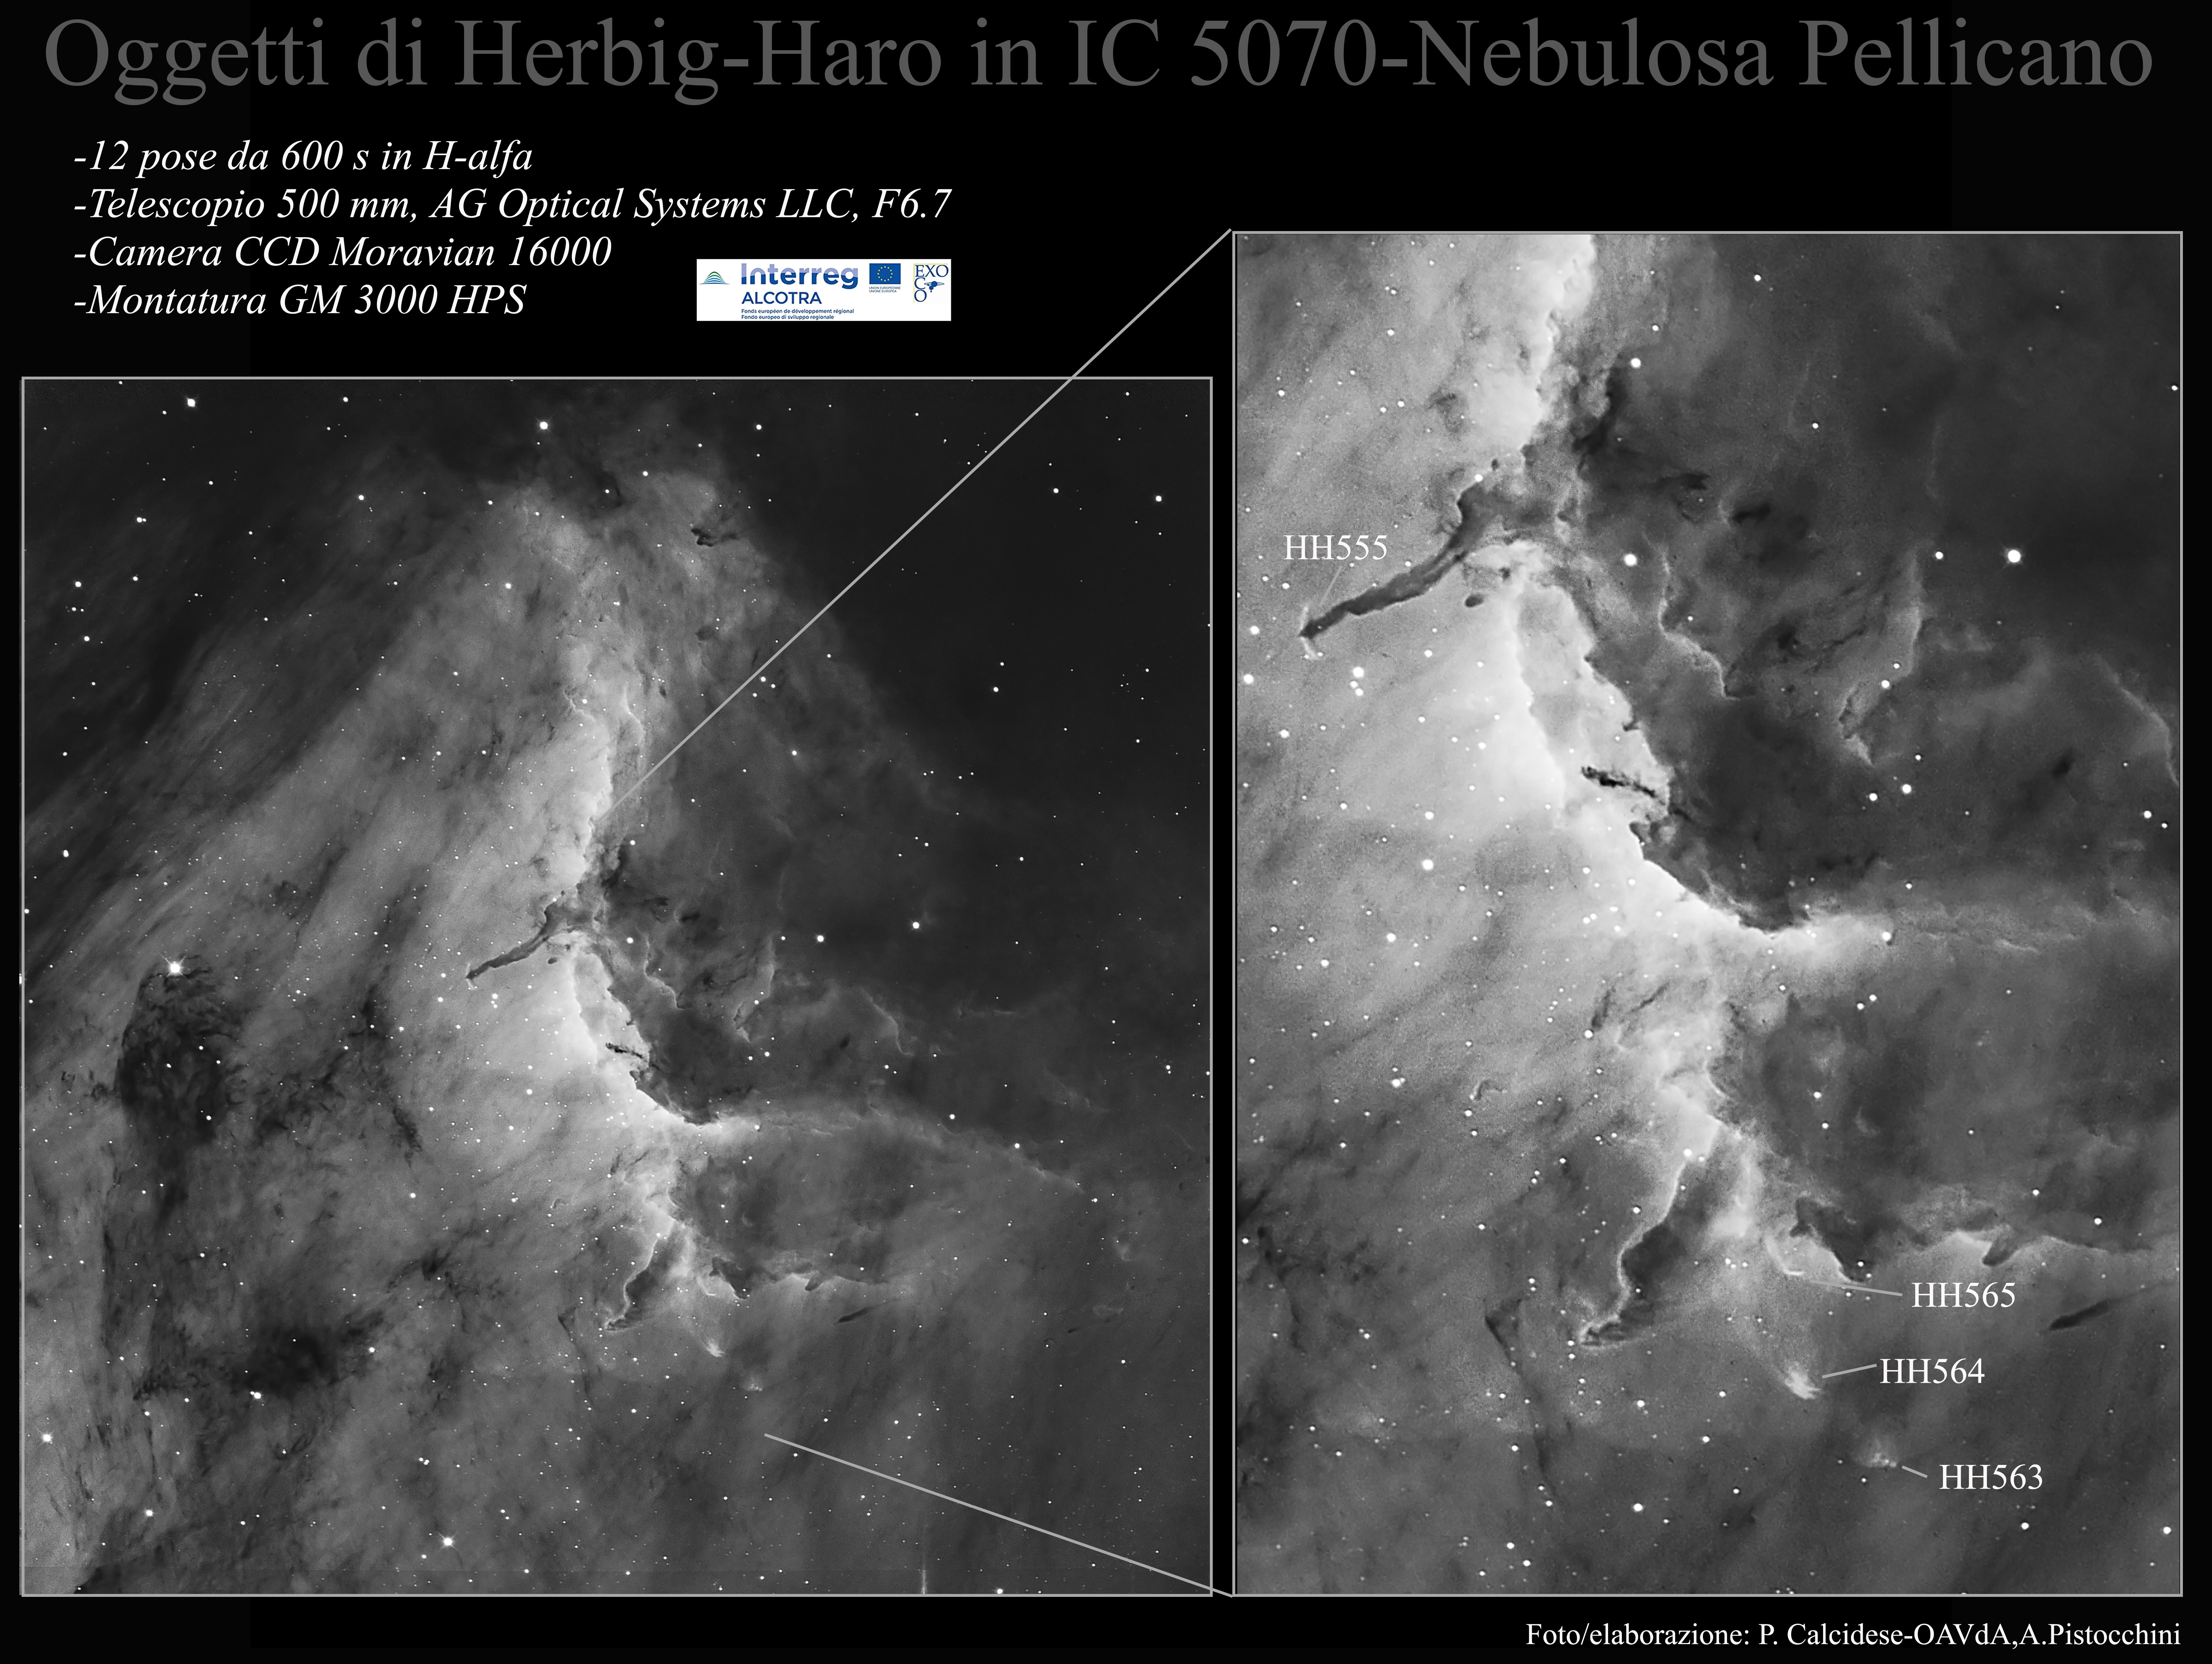 HH555-Nebulosa Pellicano